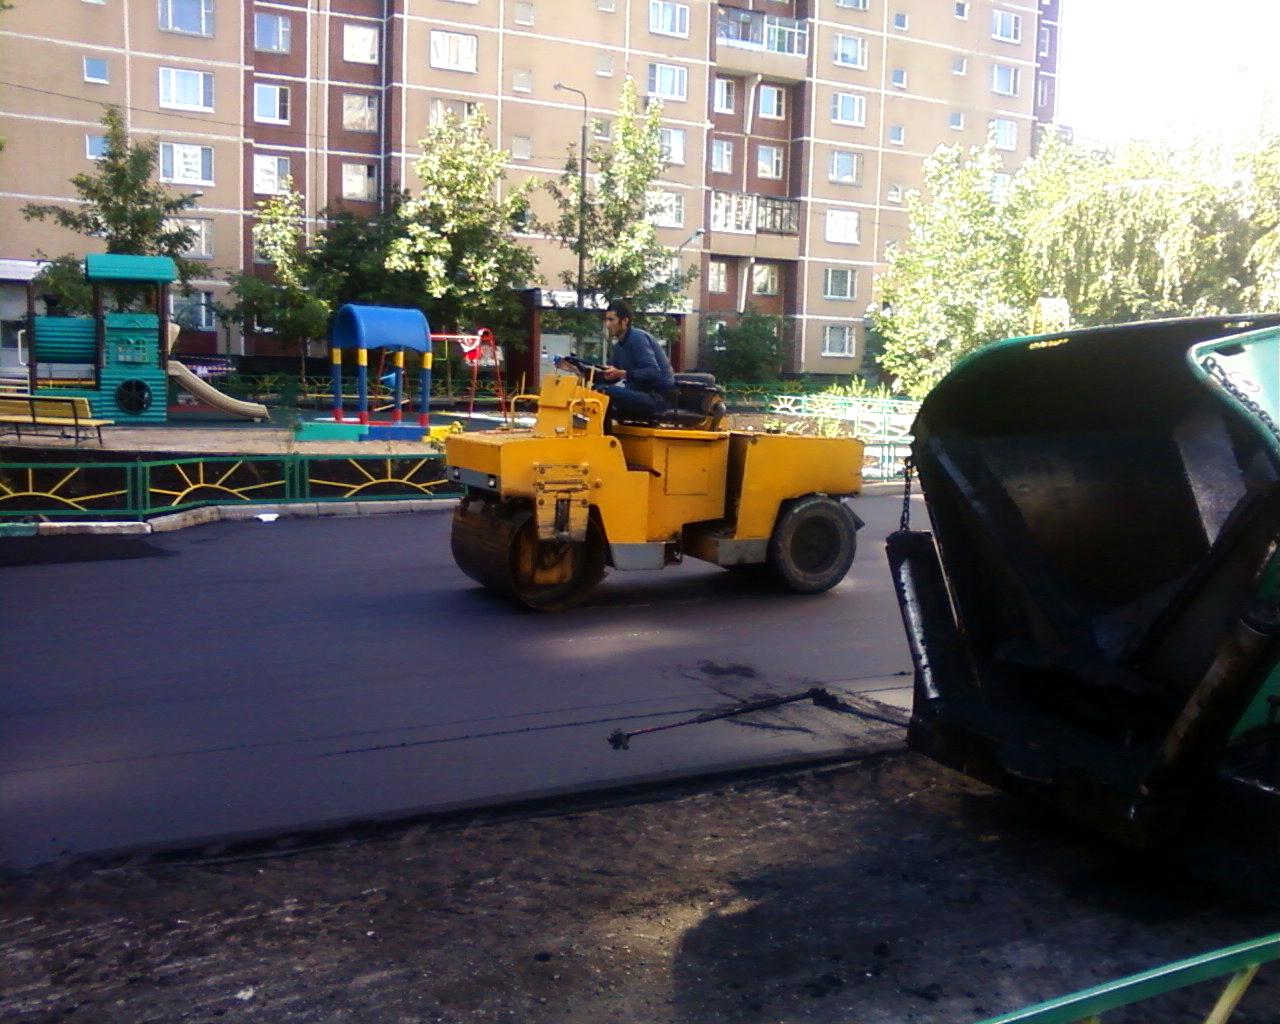 Асфальтування майданчиків, укладання асфальту, асфальтування доріг, будівництво доріг, ямковий ремонт, дорожні роботи, ремонт доріг